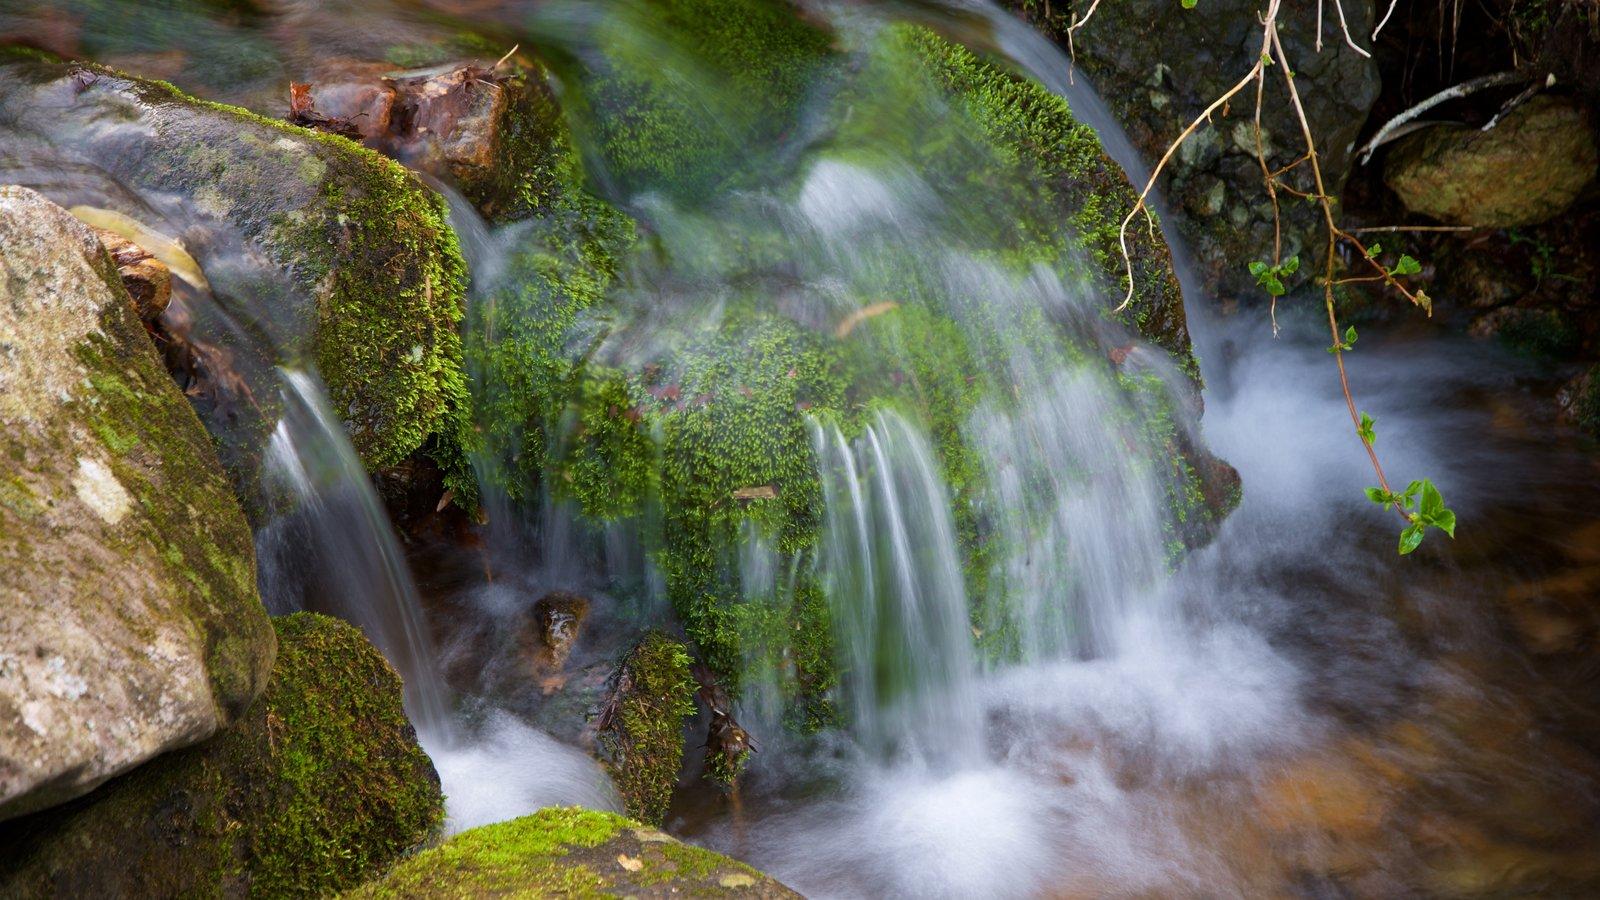 Parque Nacional de Hallasan ofreciendo un río o arroyo